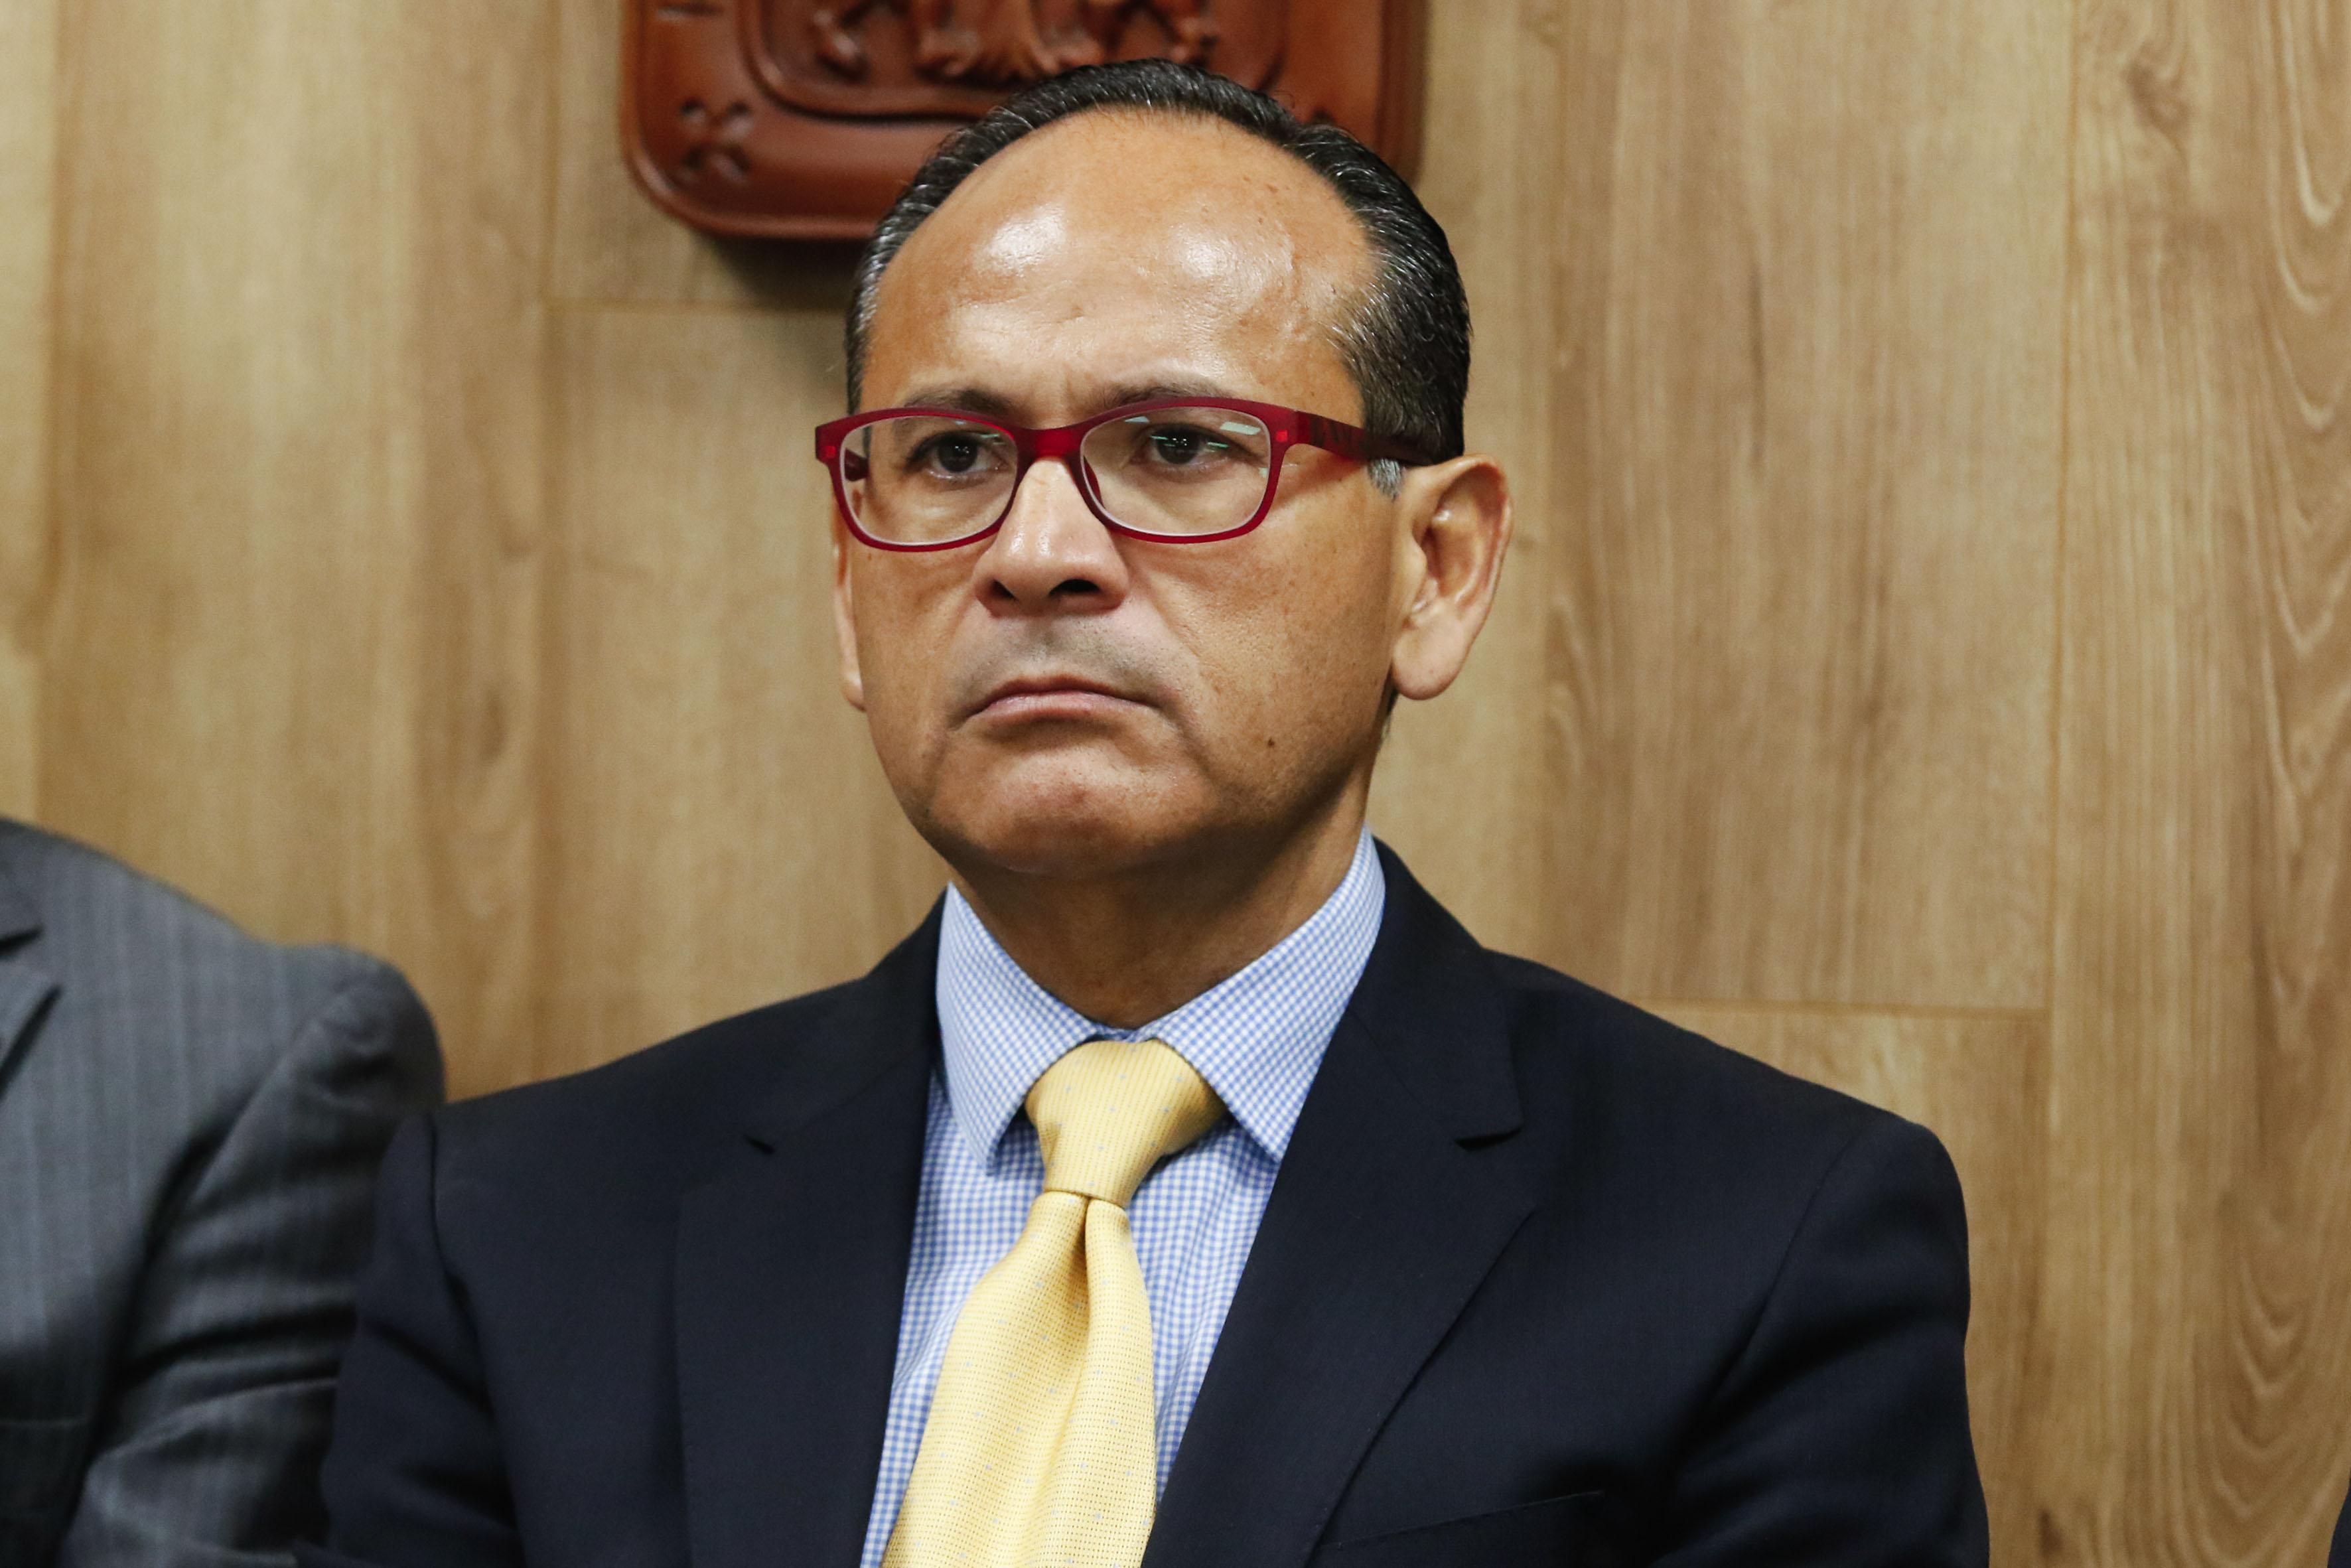 Dr Héctor Raúl Pérez Gómez, Director General del OPD,  participando en la rueda de prensa